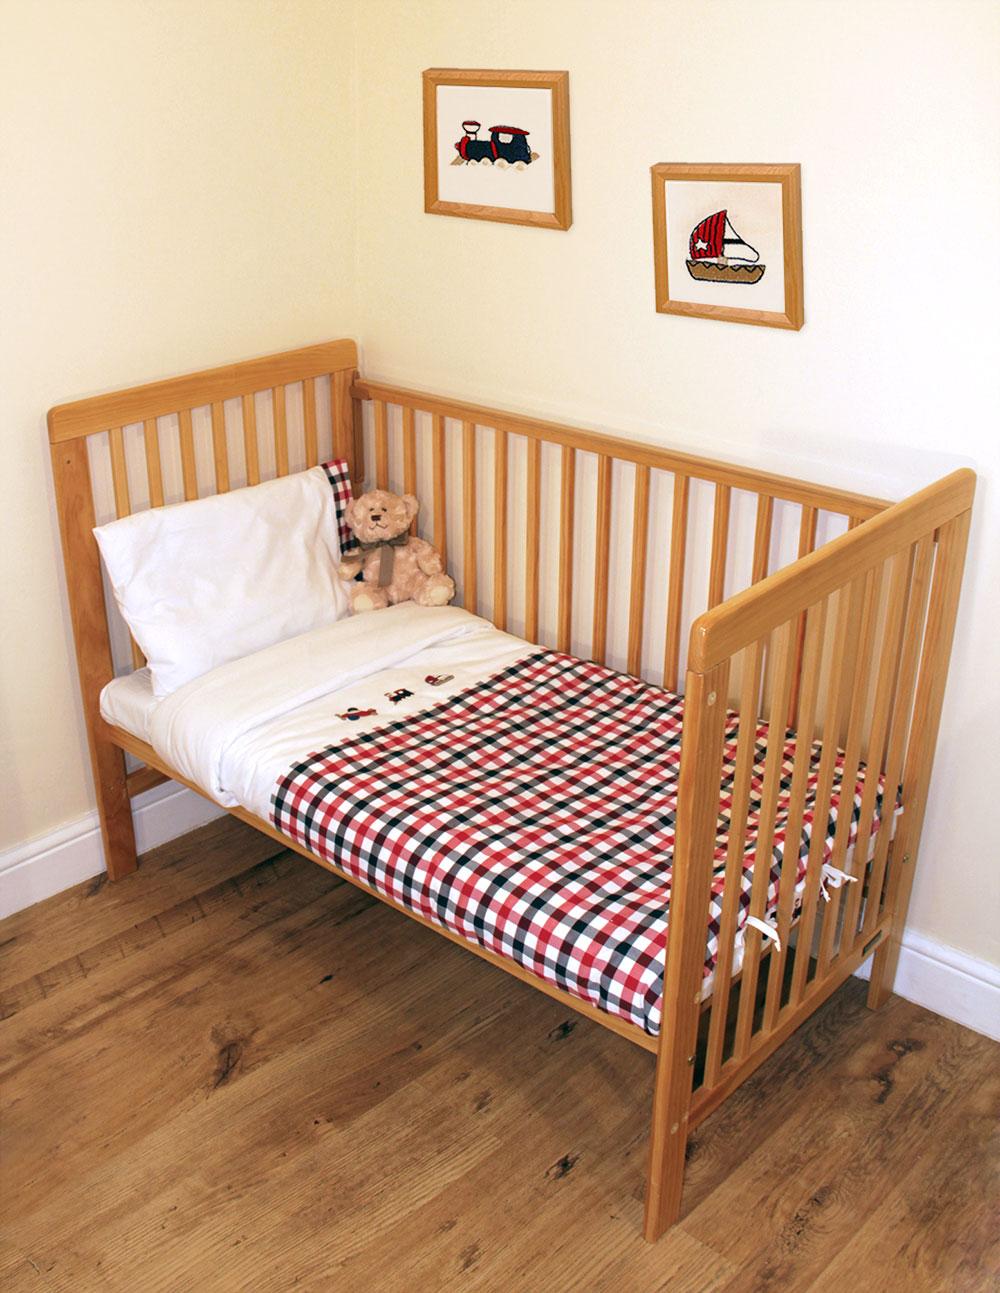 Red Amp Navy Junior Toddler Cot Bed Bedding Set Boat